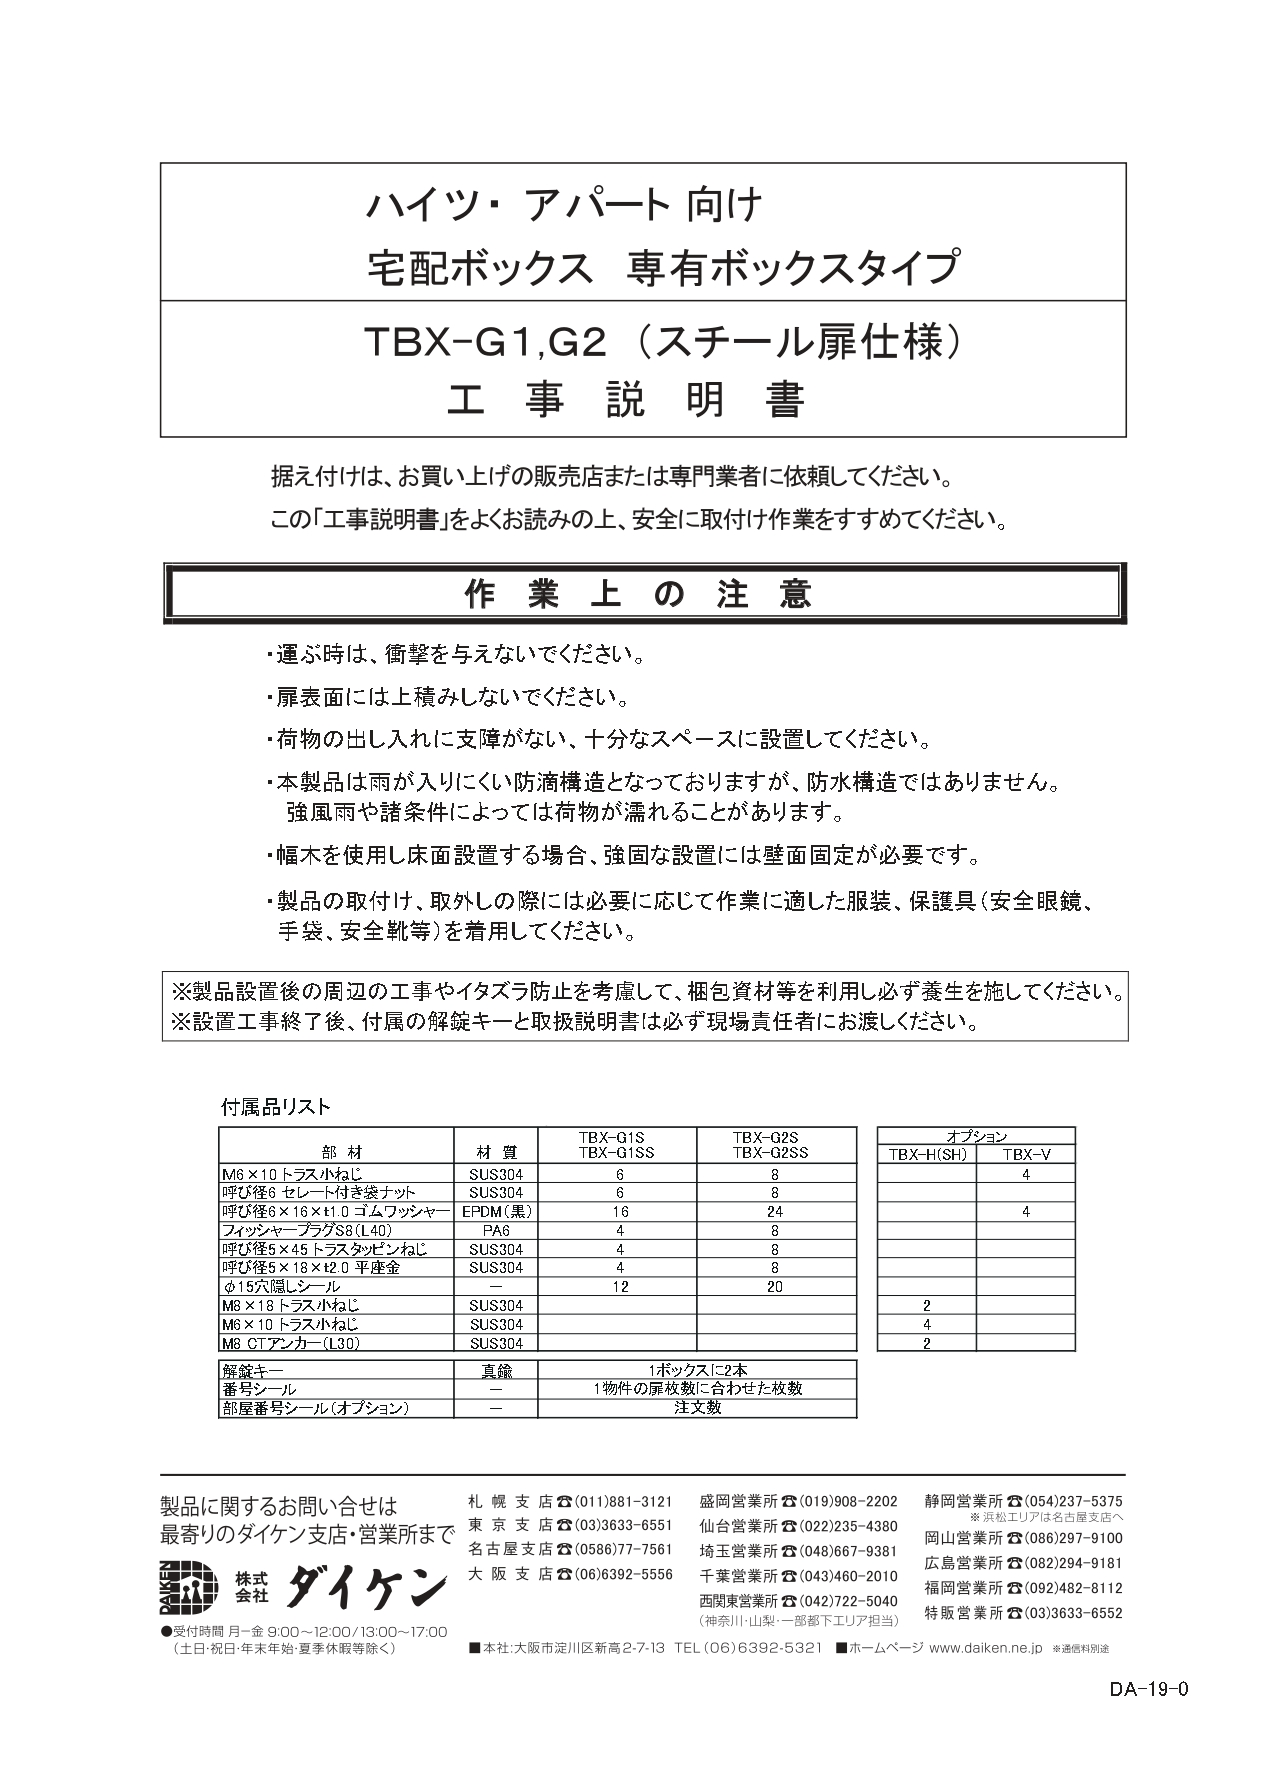 宅配ボックスTBX-G 施工説明書_page-0001